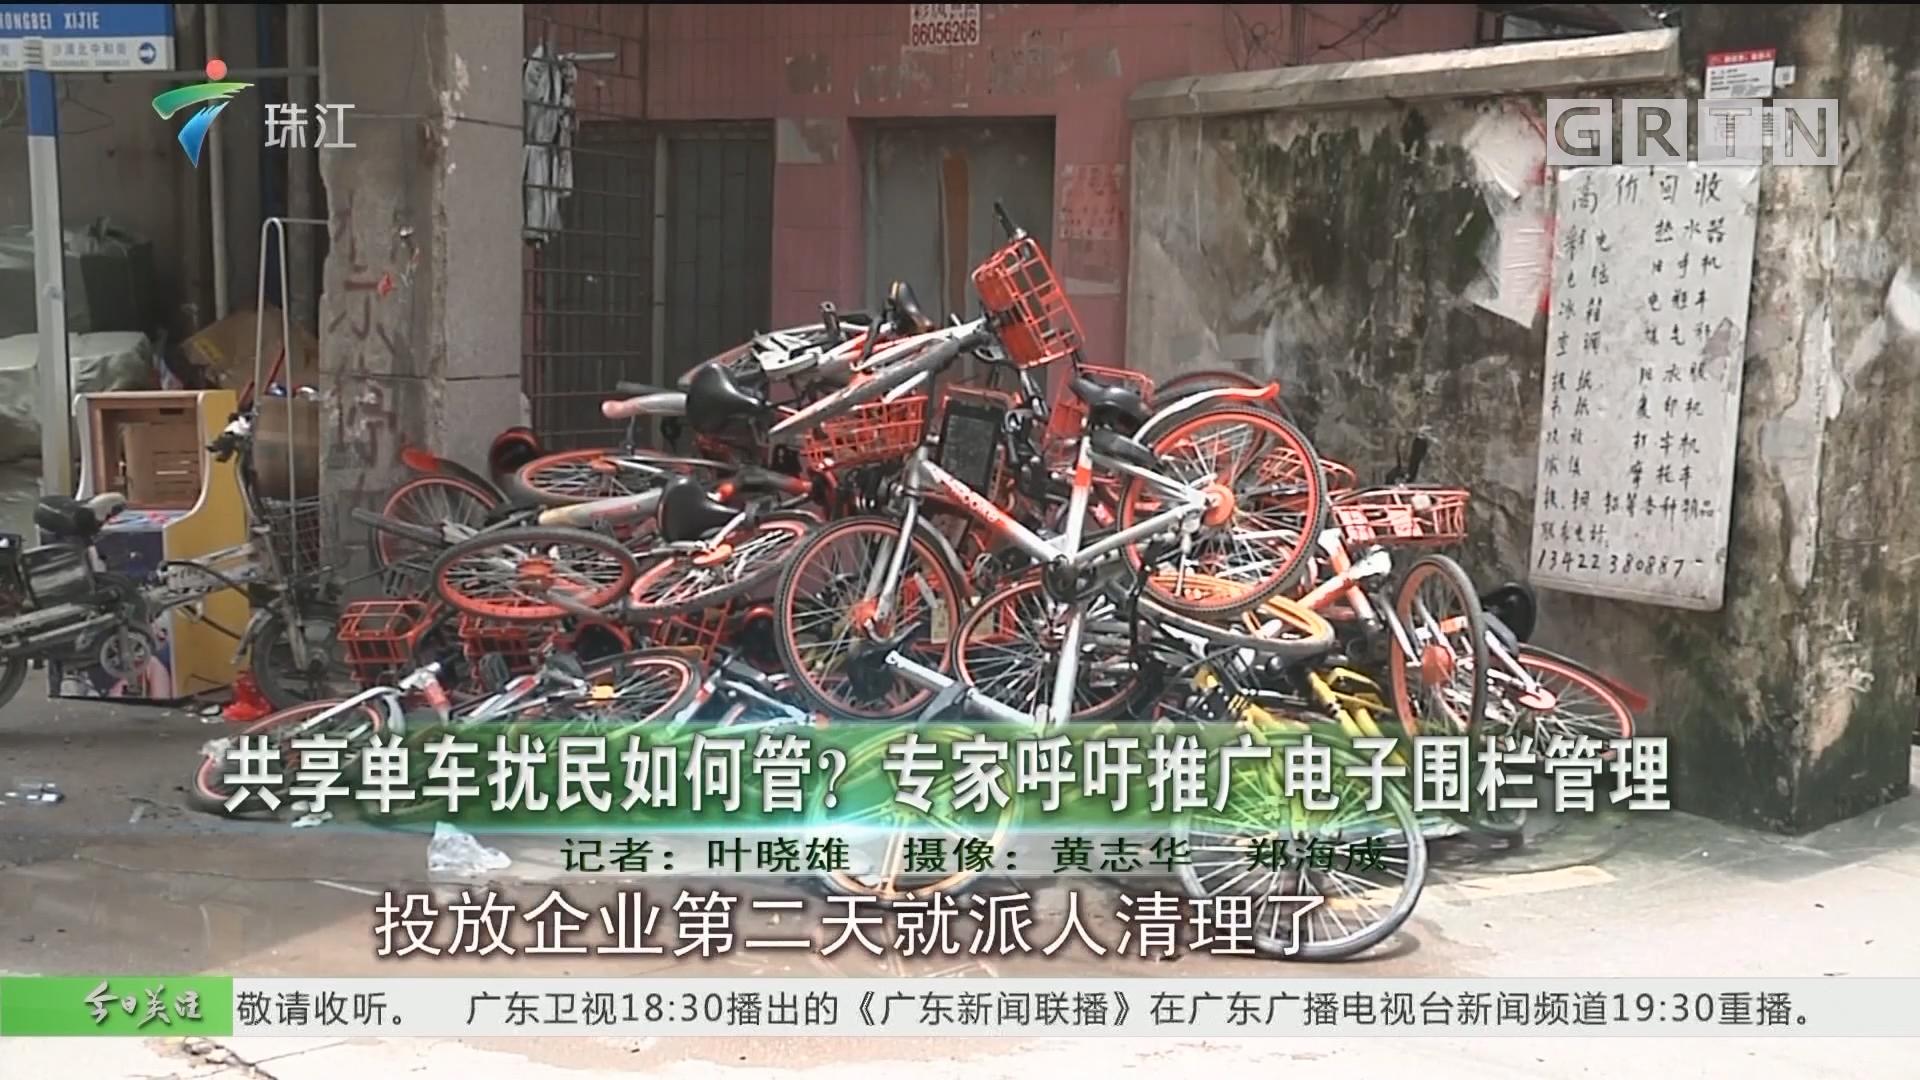 共享单车扰民如何管?专家呼吁推广电子围栏管理